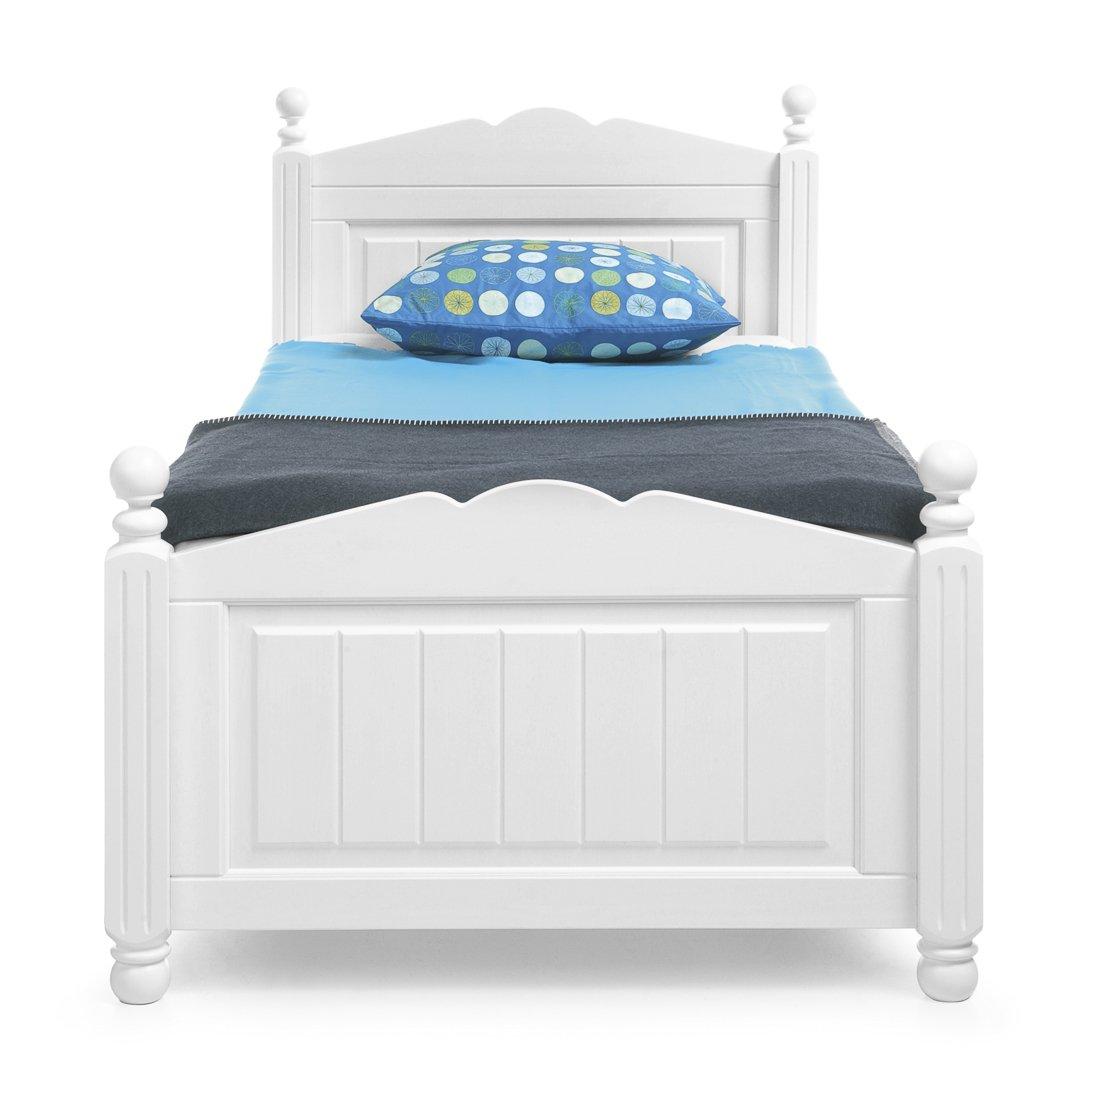 Firstloft Bett X Cm Cinderella Premium X - Cinderella schlafzimmer